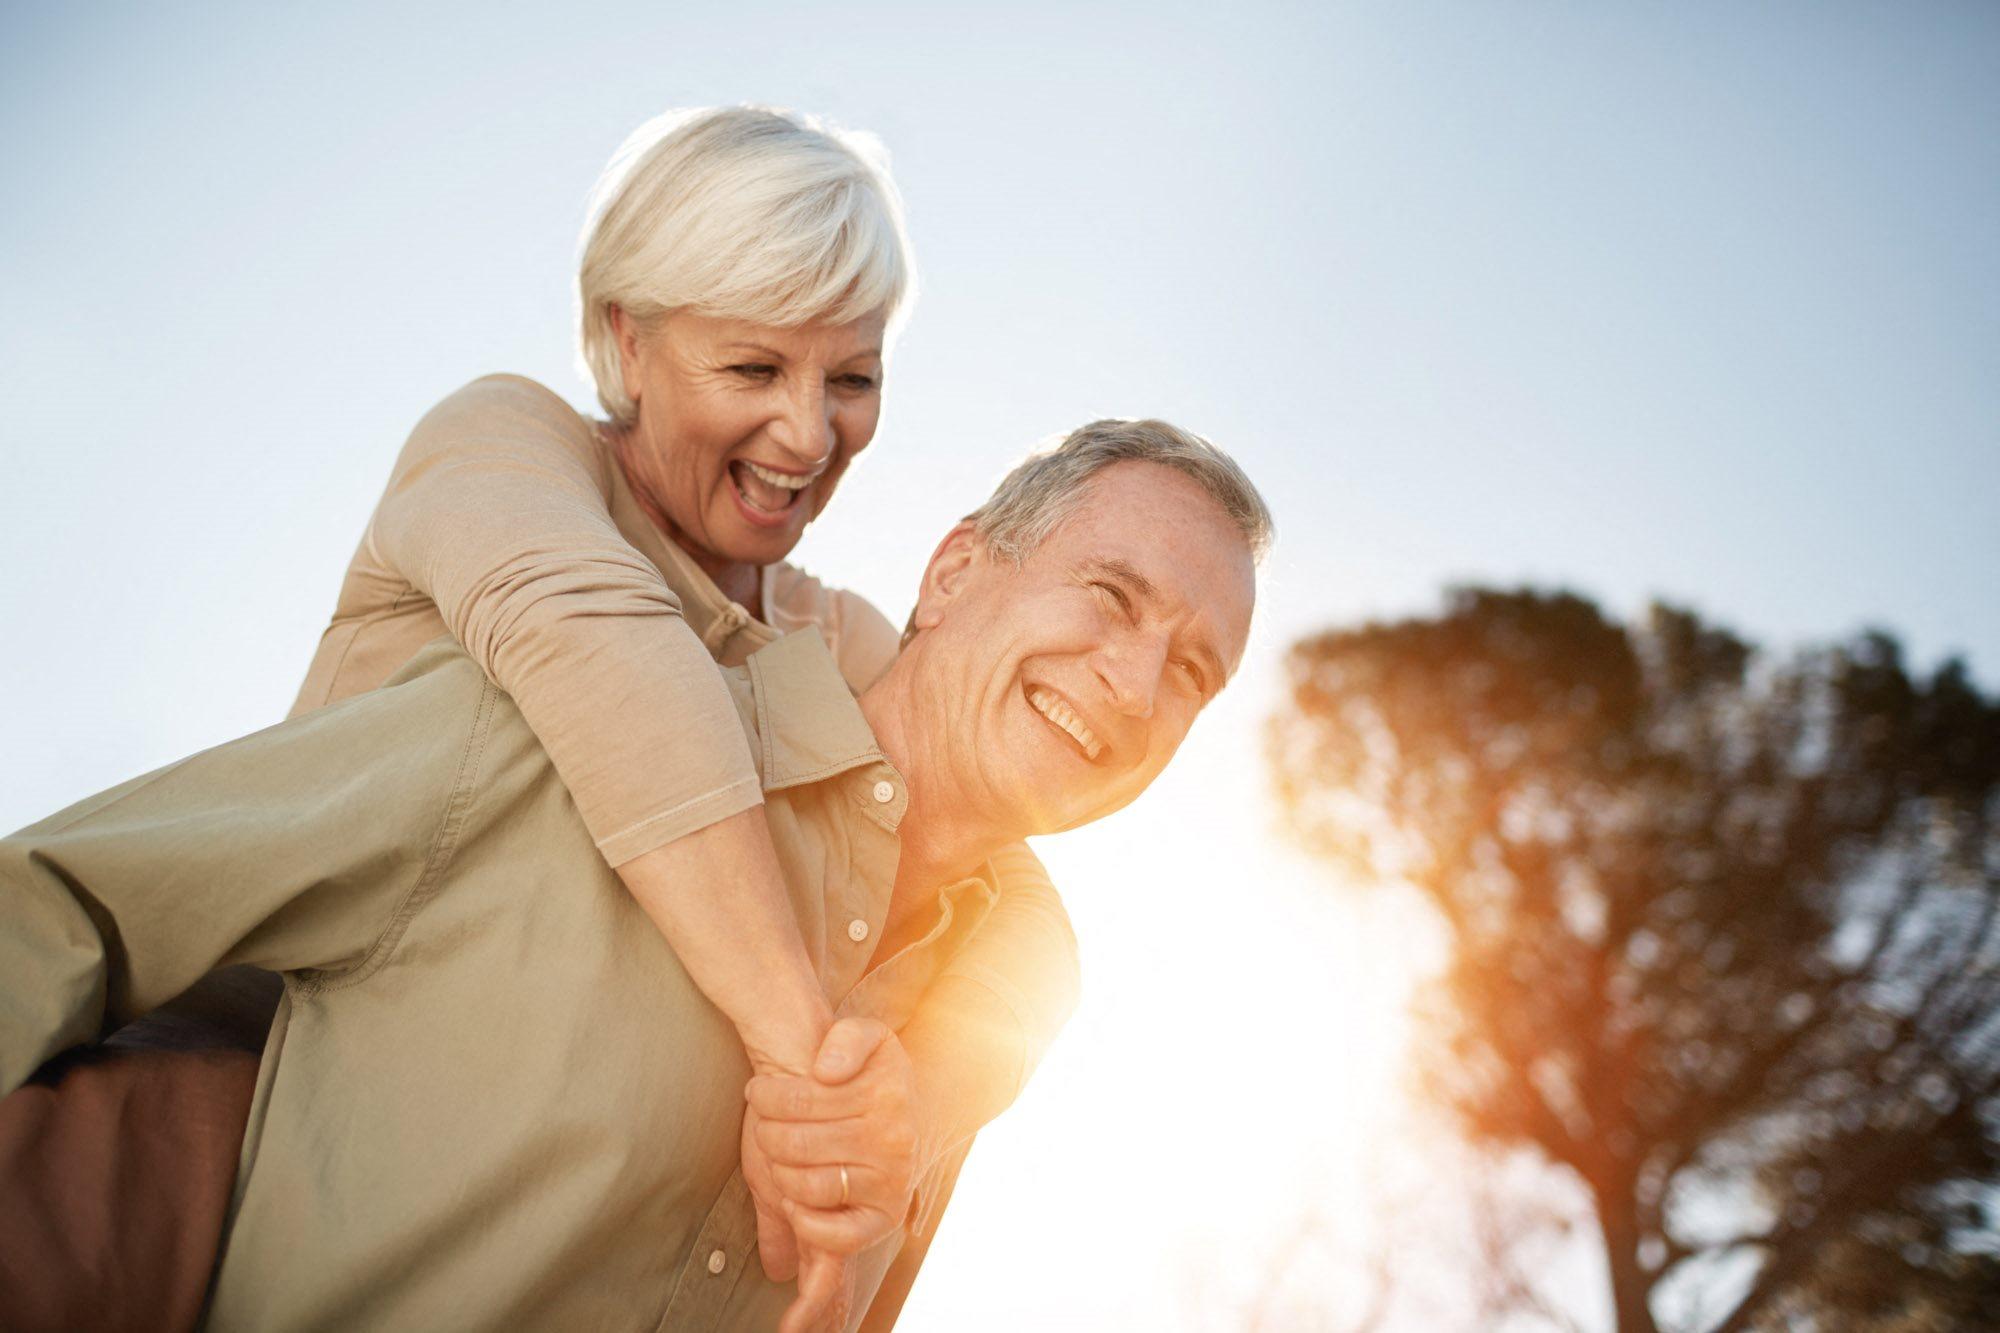 stock image- happy senior couple